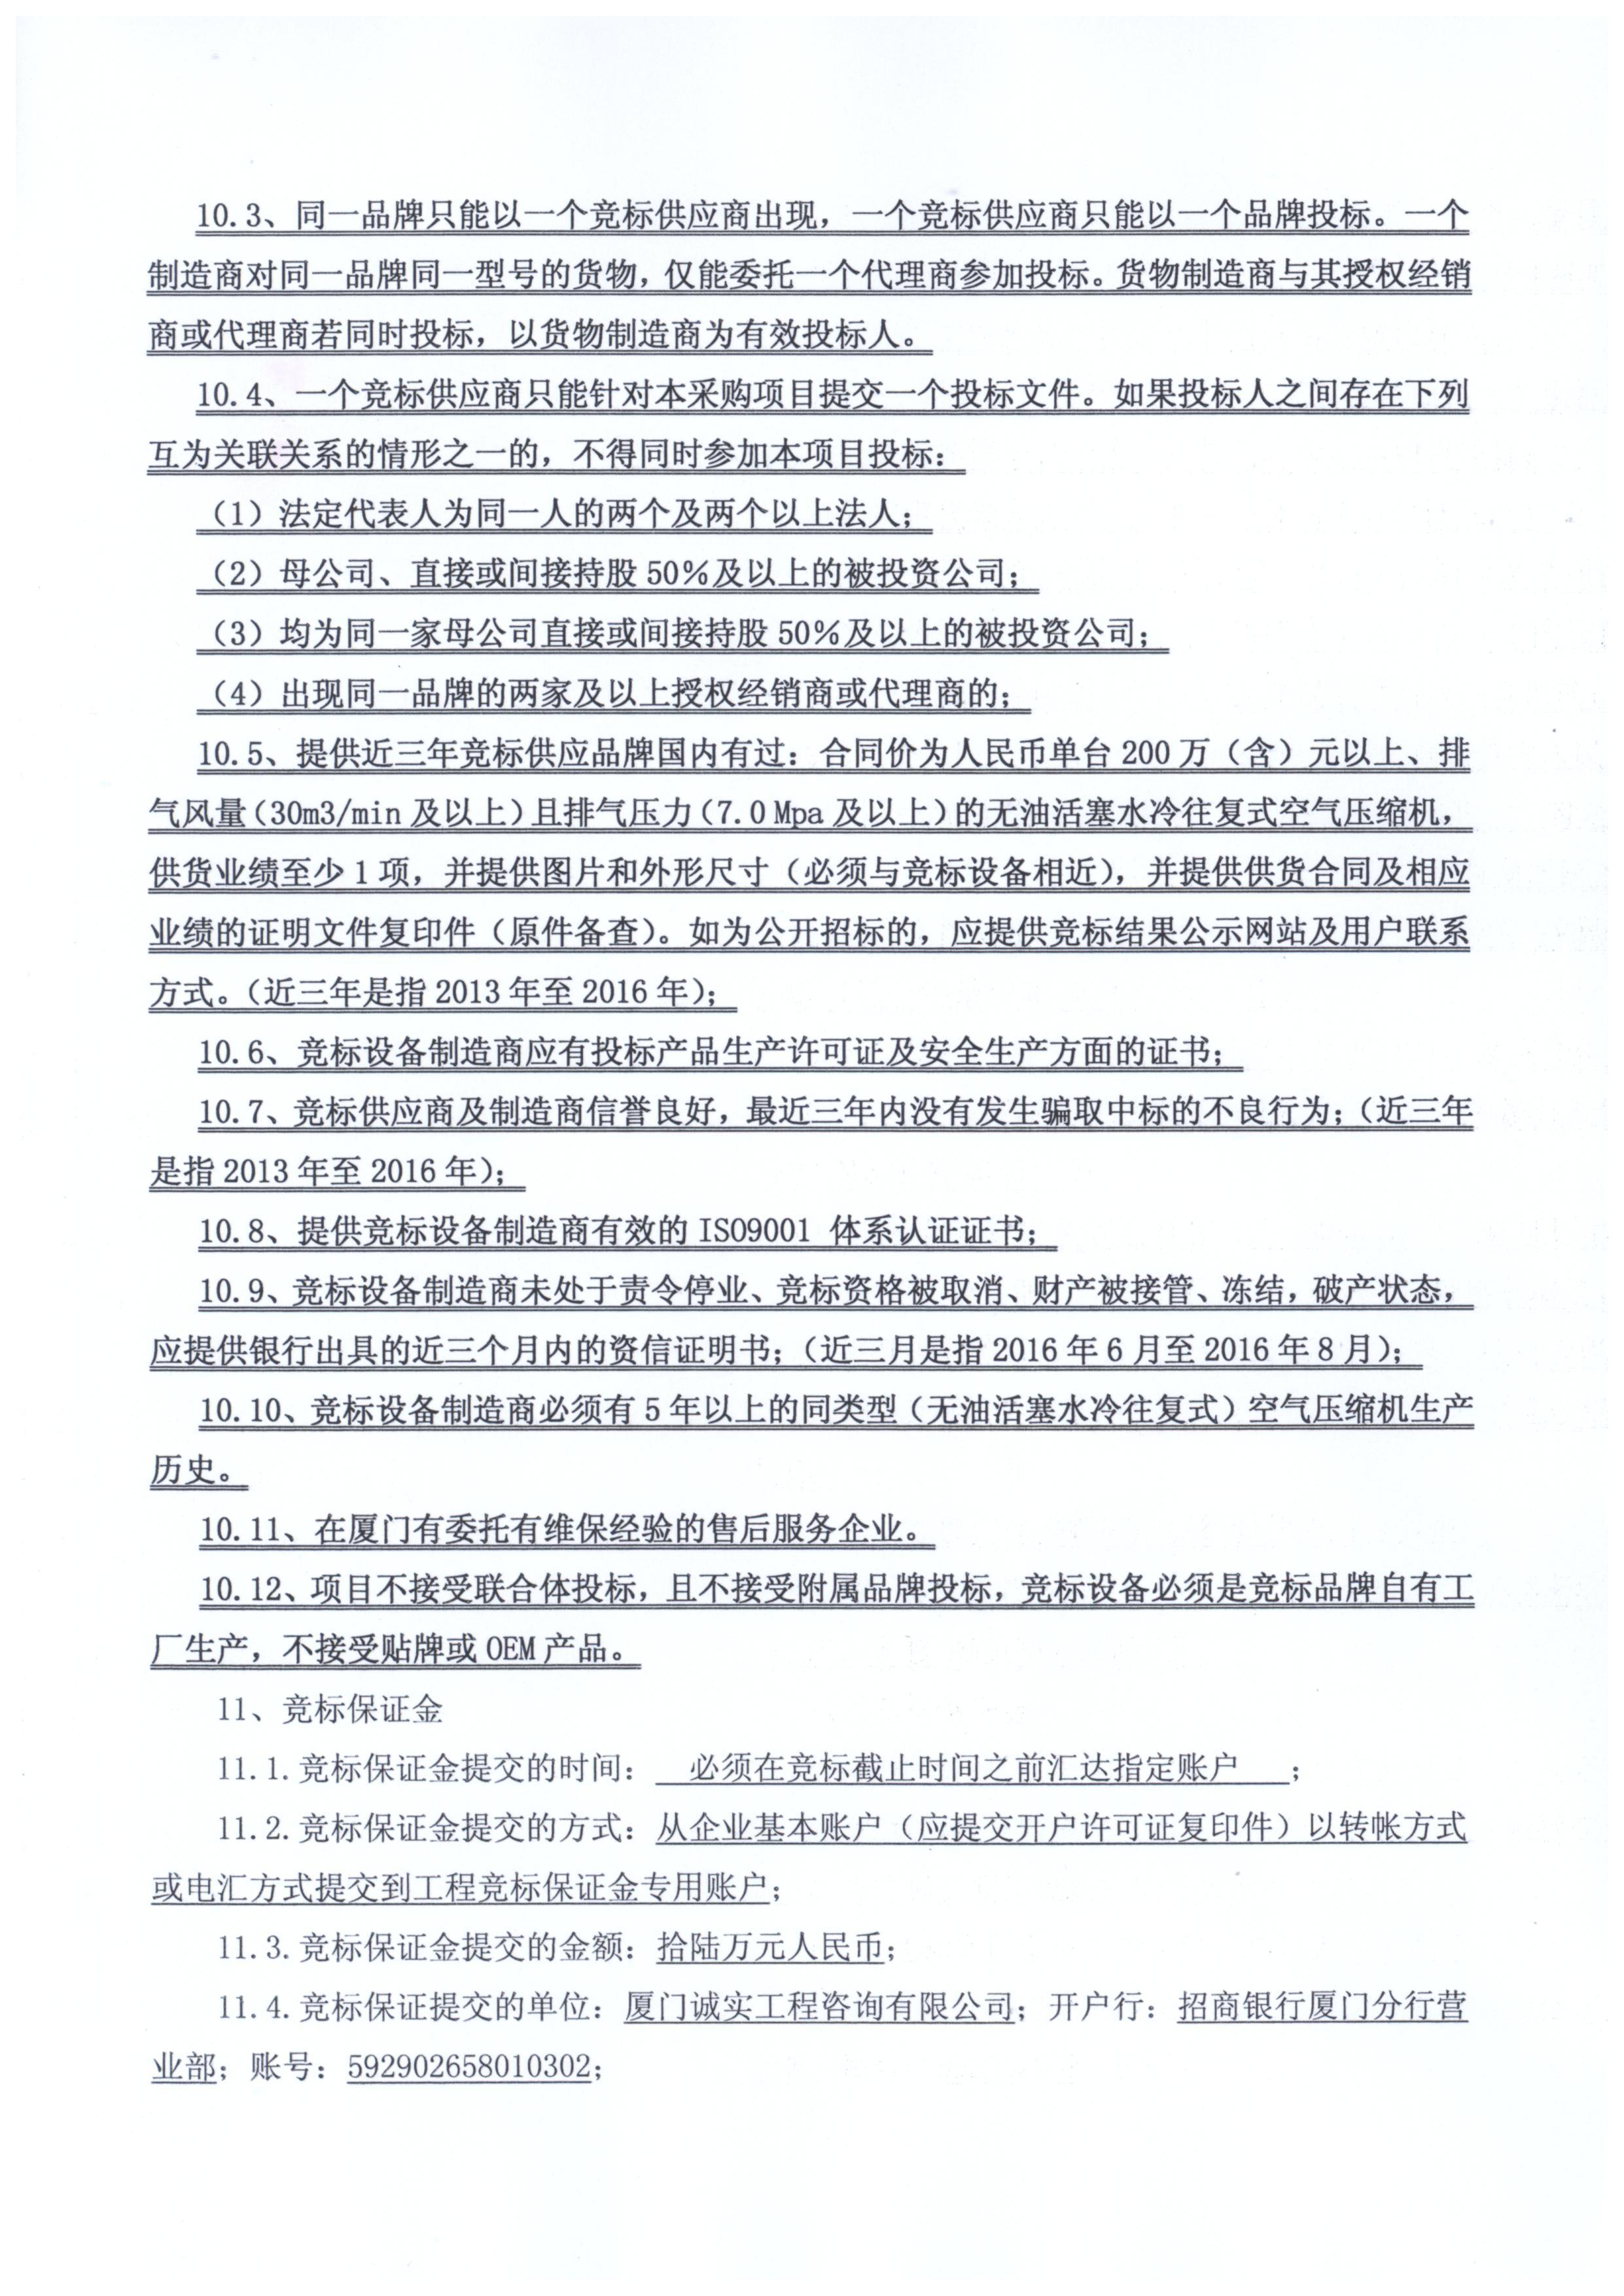 海沧湖水秀公园工程空压机组采购公告(重新公告)2.jpg